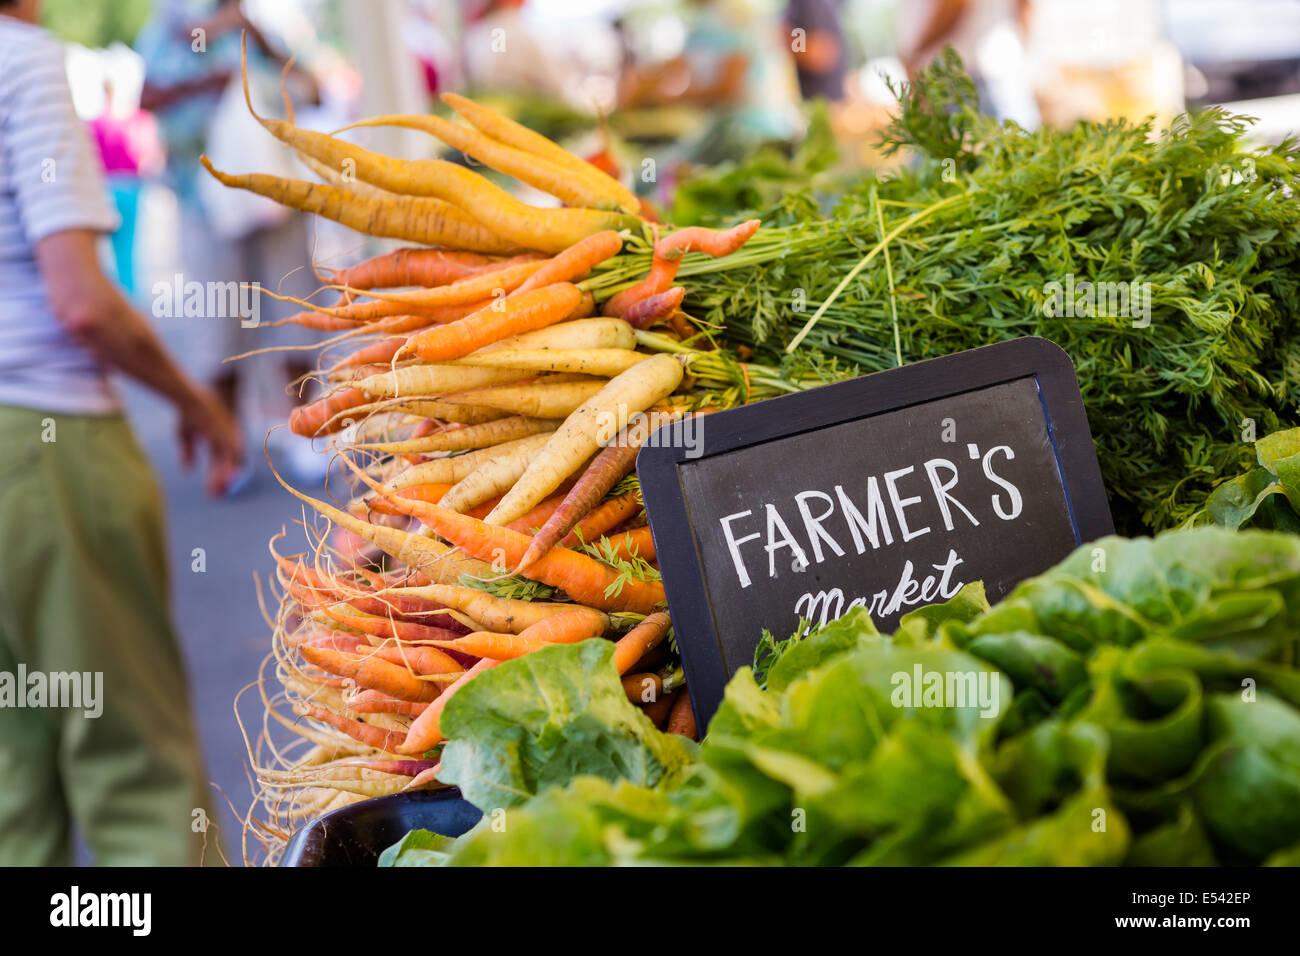 Freschi prodotti biologici in vendita presso il locale mercato degli agricoltori. Immagini Stock